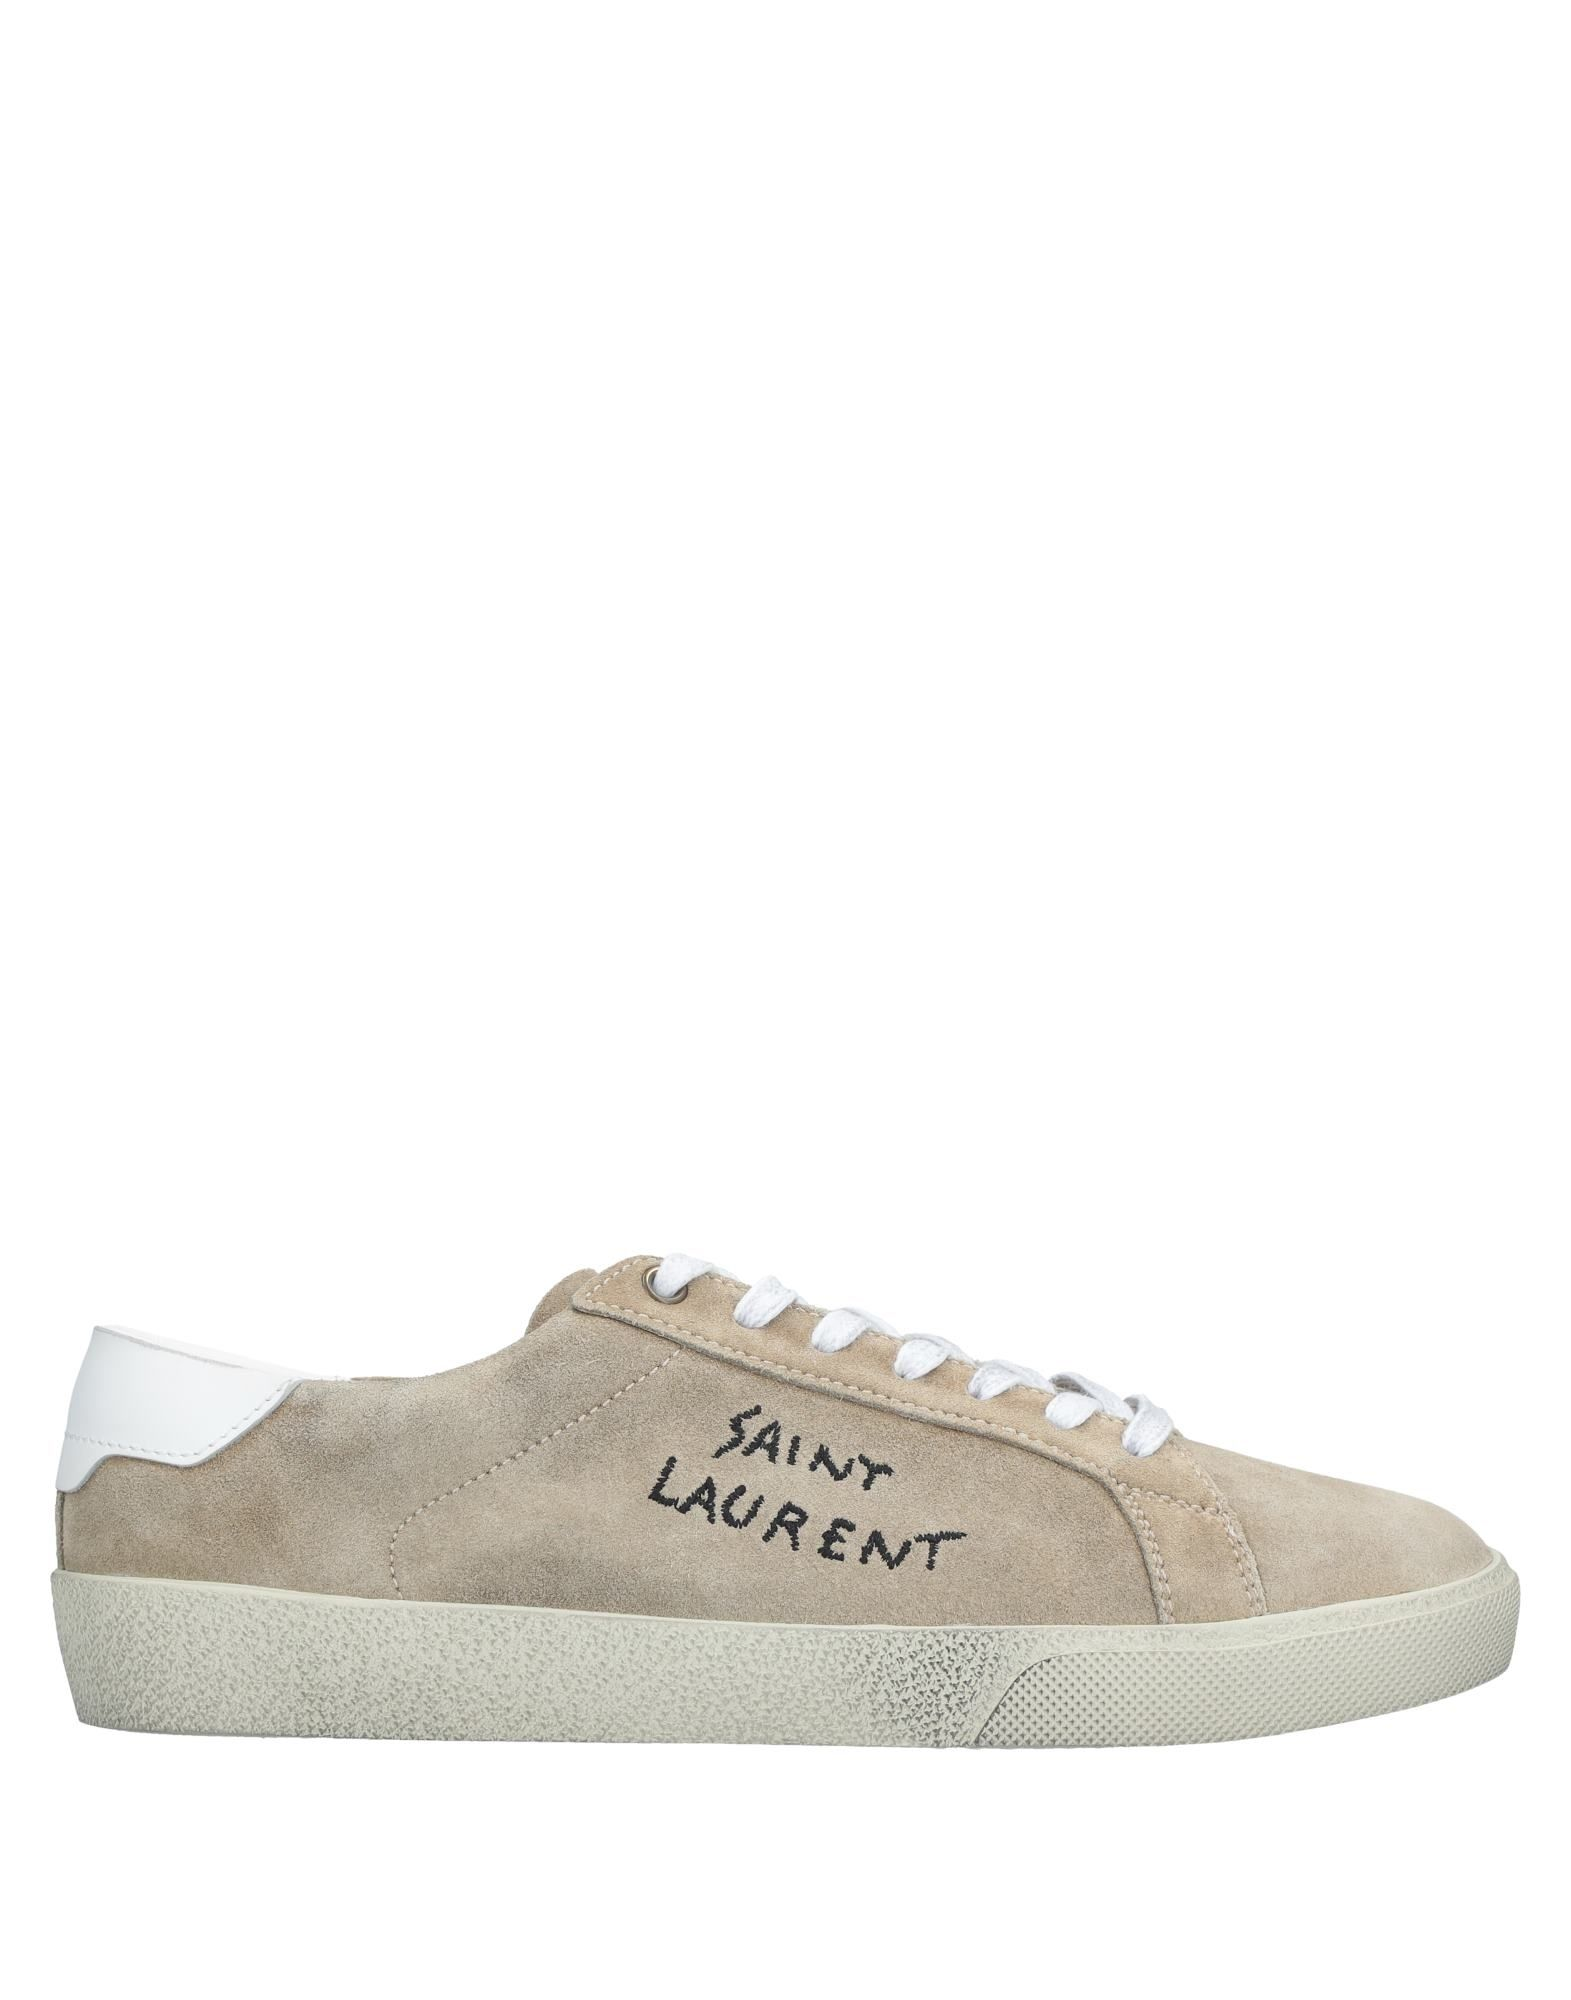 Saint Laurent Sneakers Herren  11538010RS Gute Qualität beliebte Schuhe